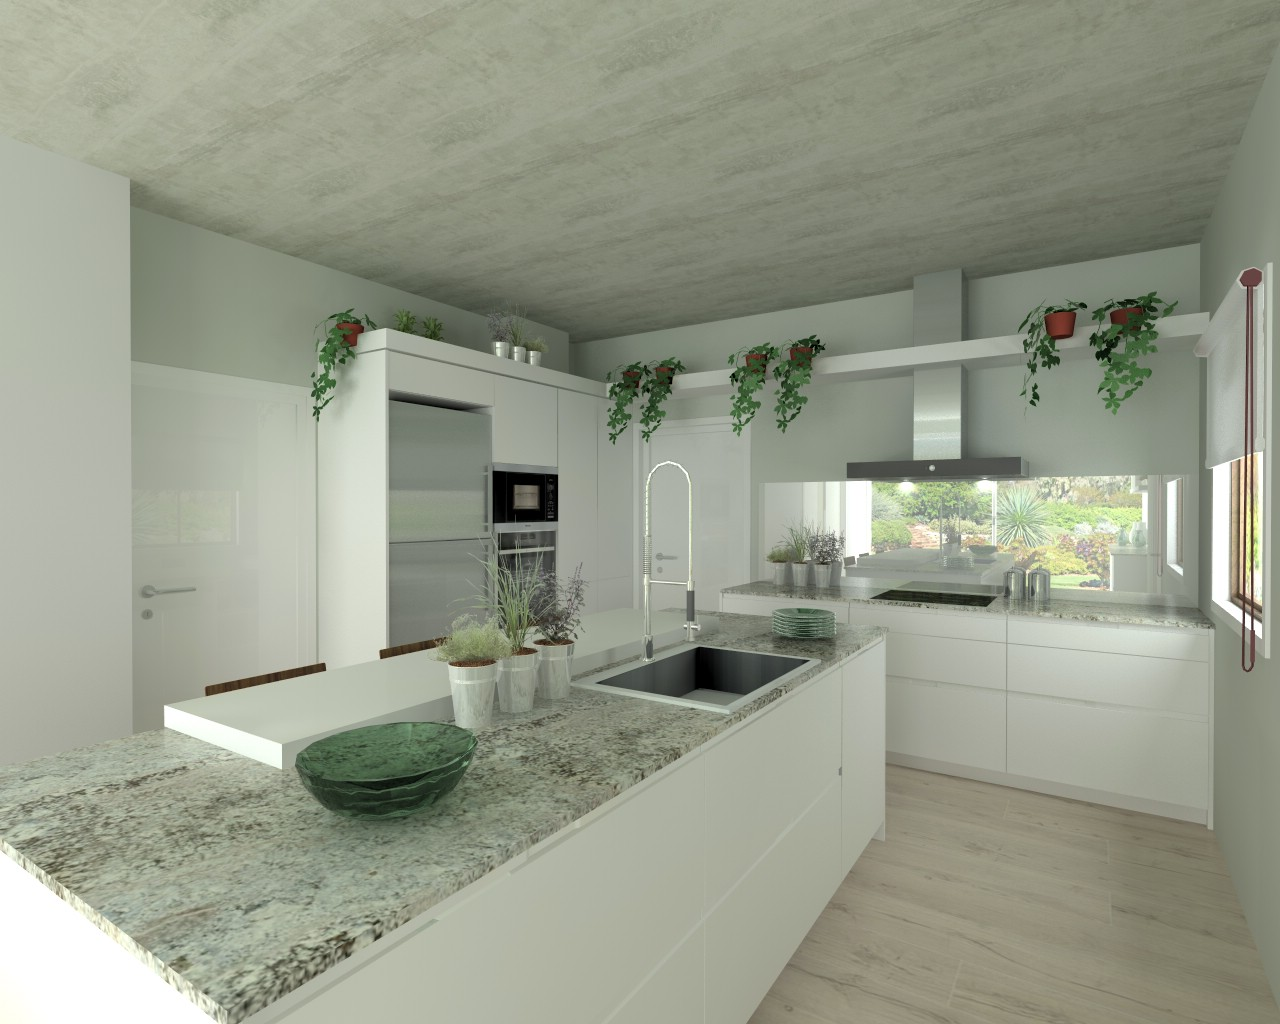 Cocina santos modelo intra l laminado blanco nieve for Granito encimera cocina colores